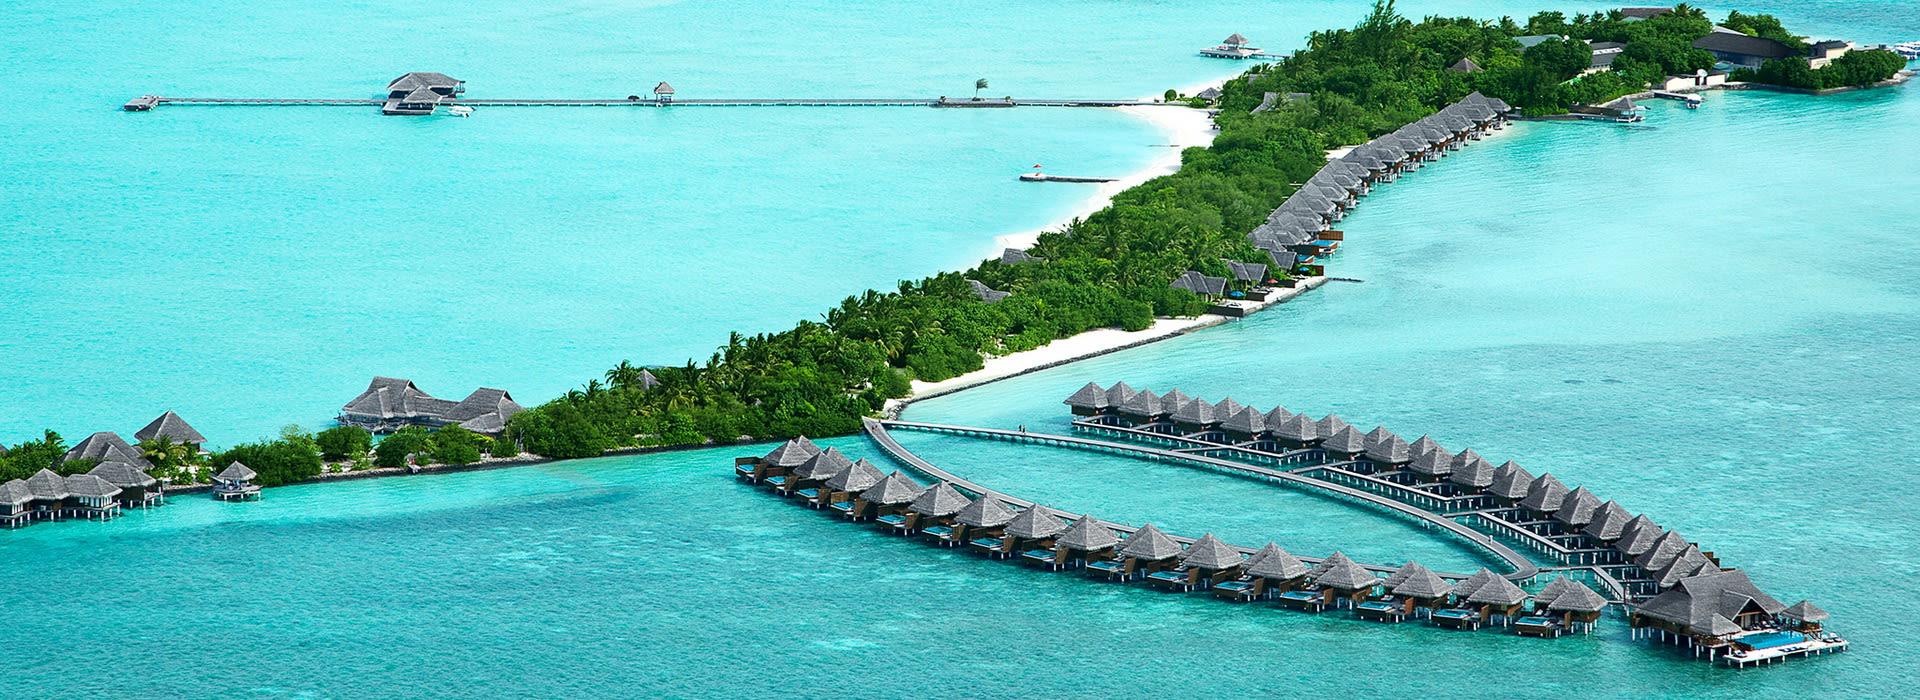 Globotours Maldives Amp Dubai Turquoise Waters Amp Towers I